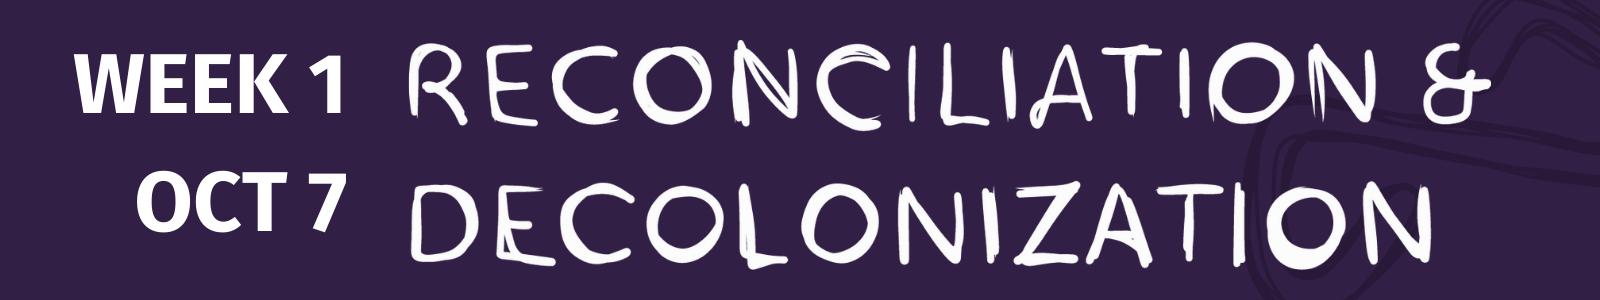 October 7 Reconciliation & Decolonization